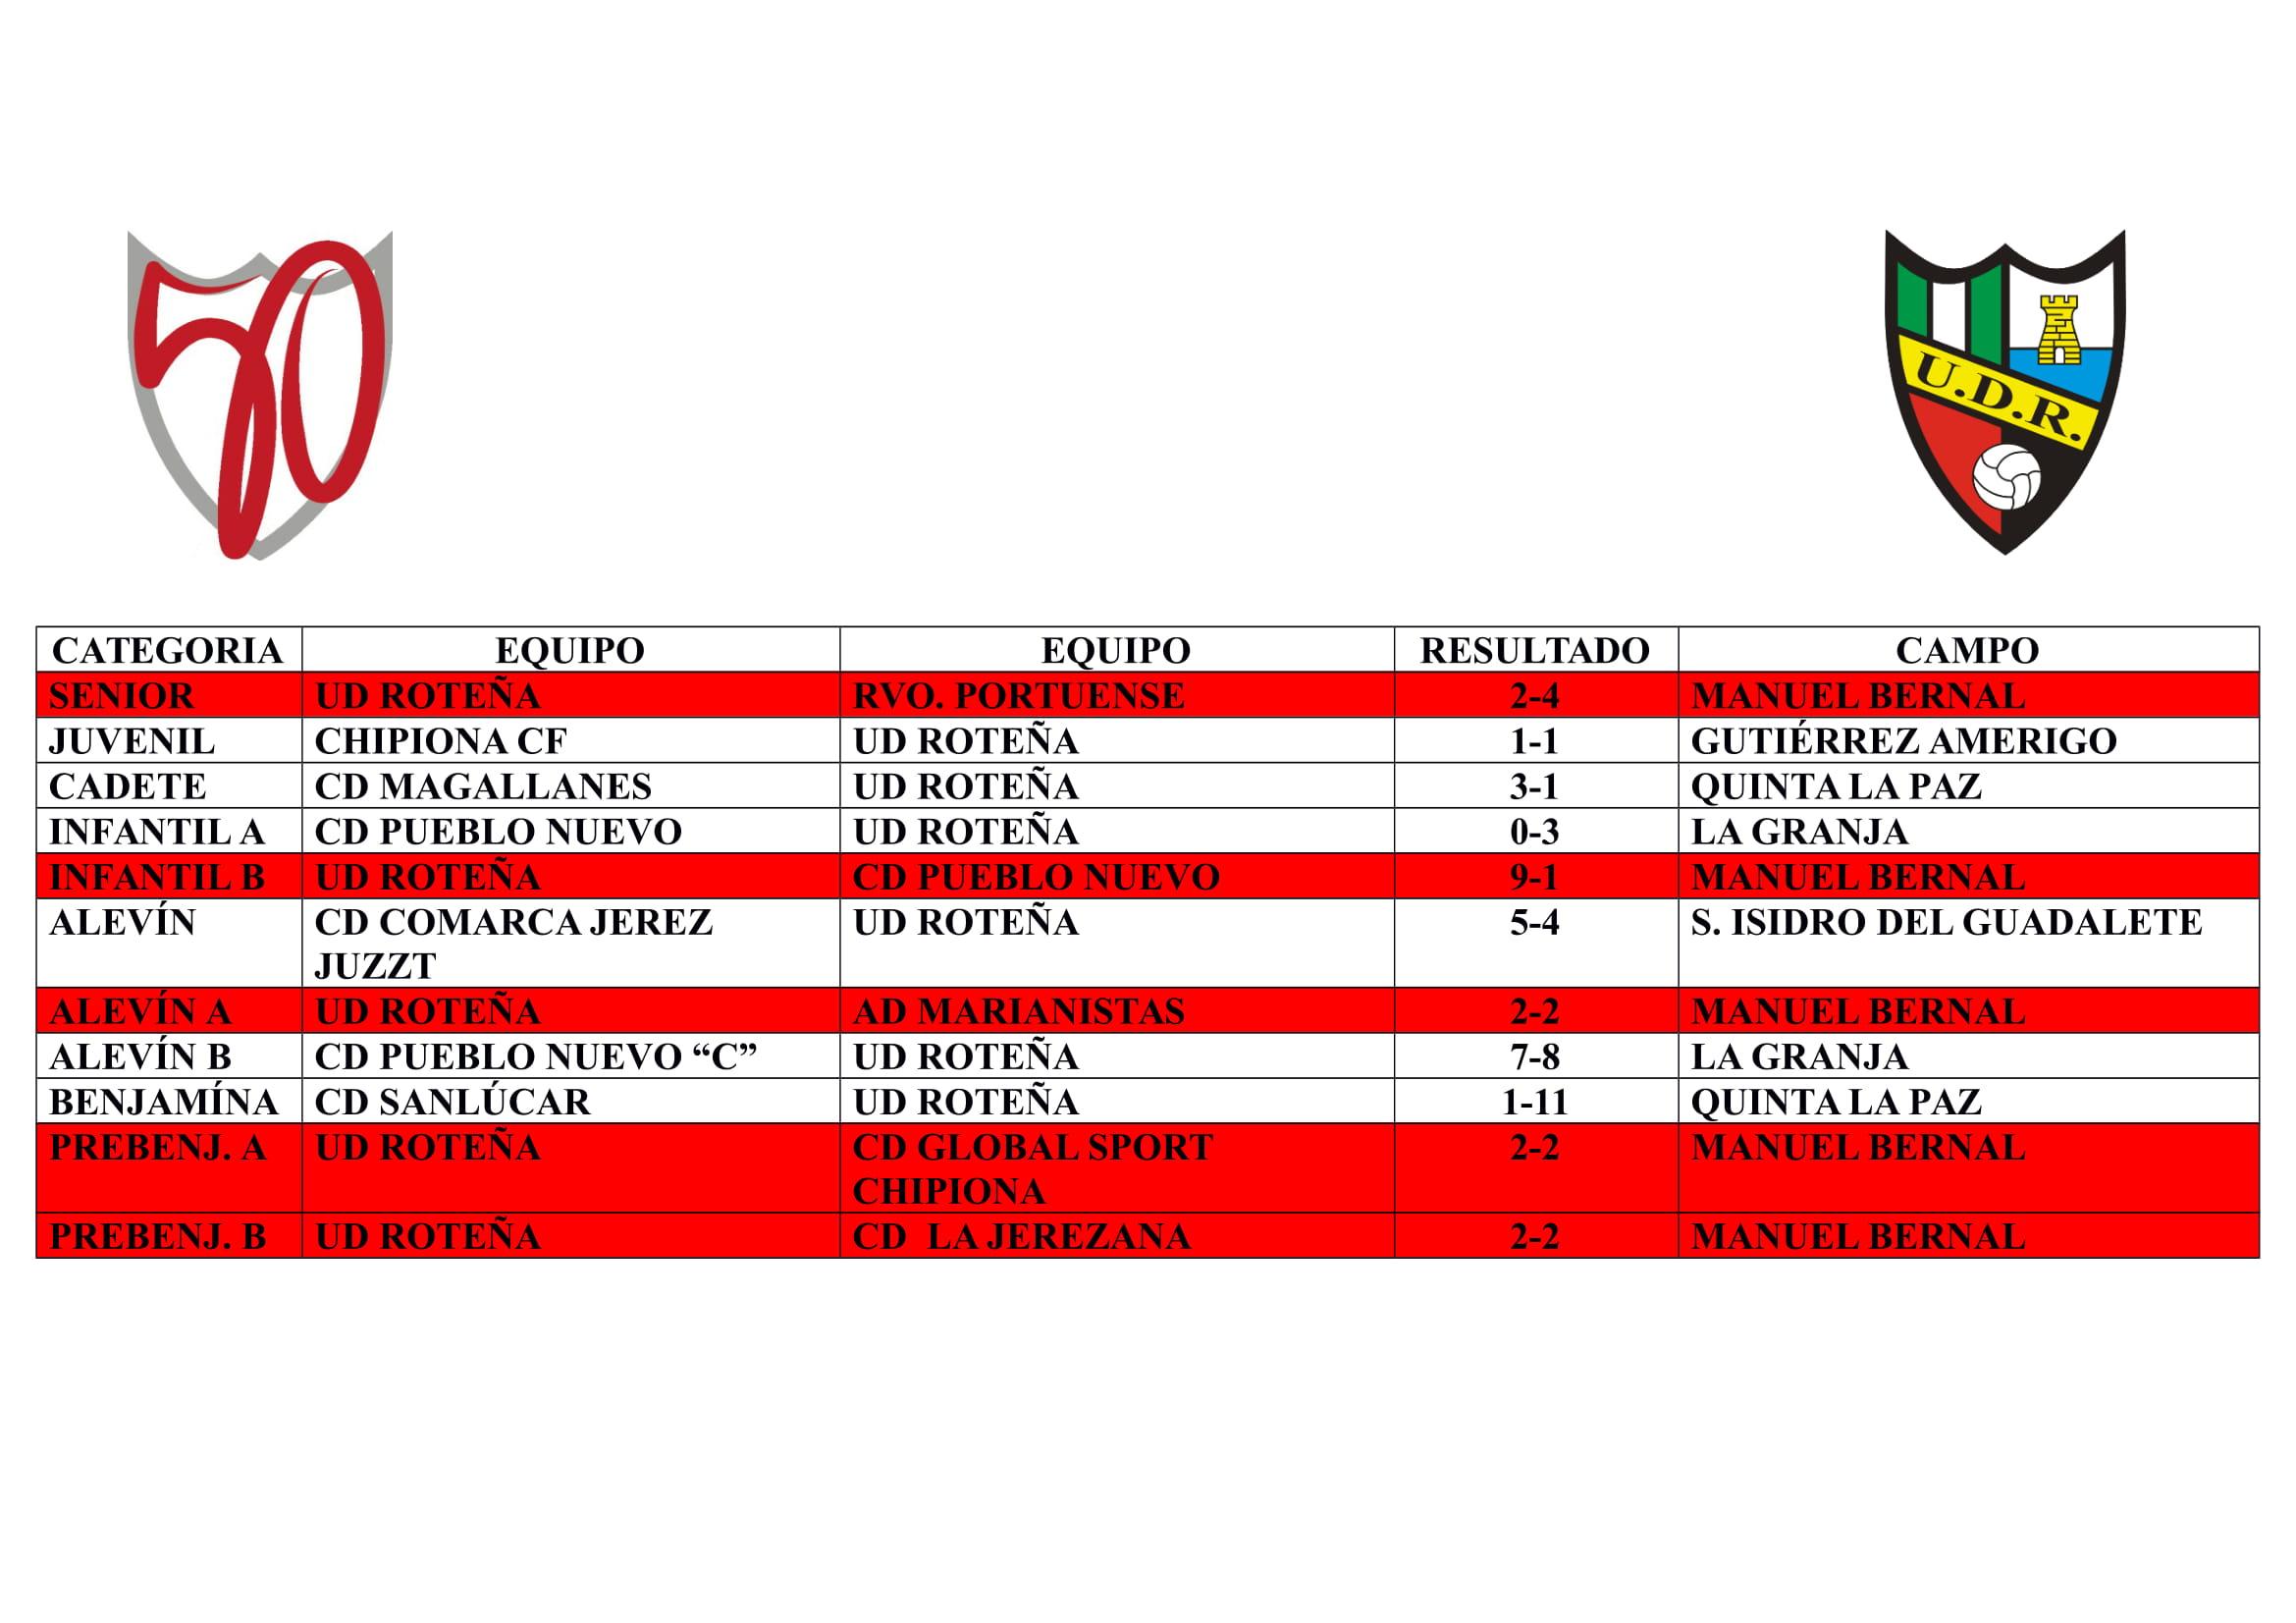 La jornada de nuestros equipos (del 8 al 10 de noviembre)